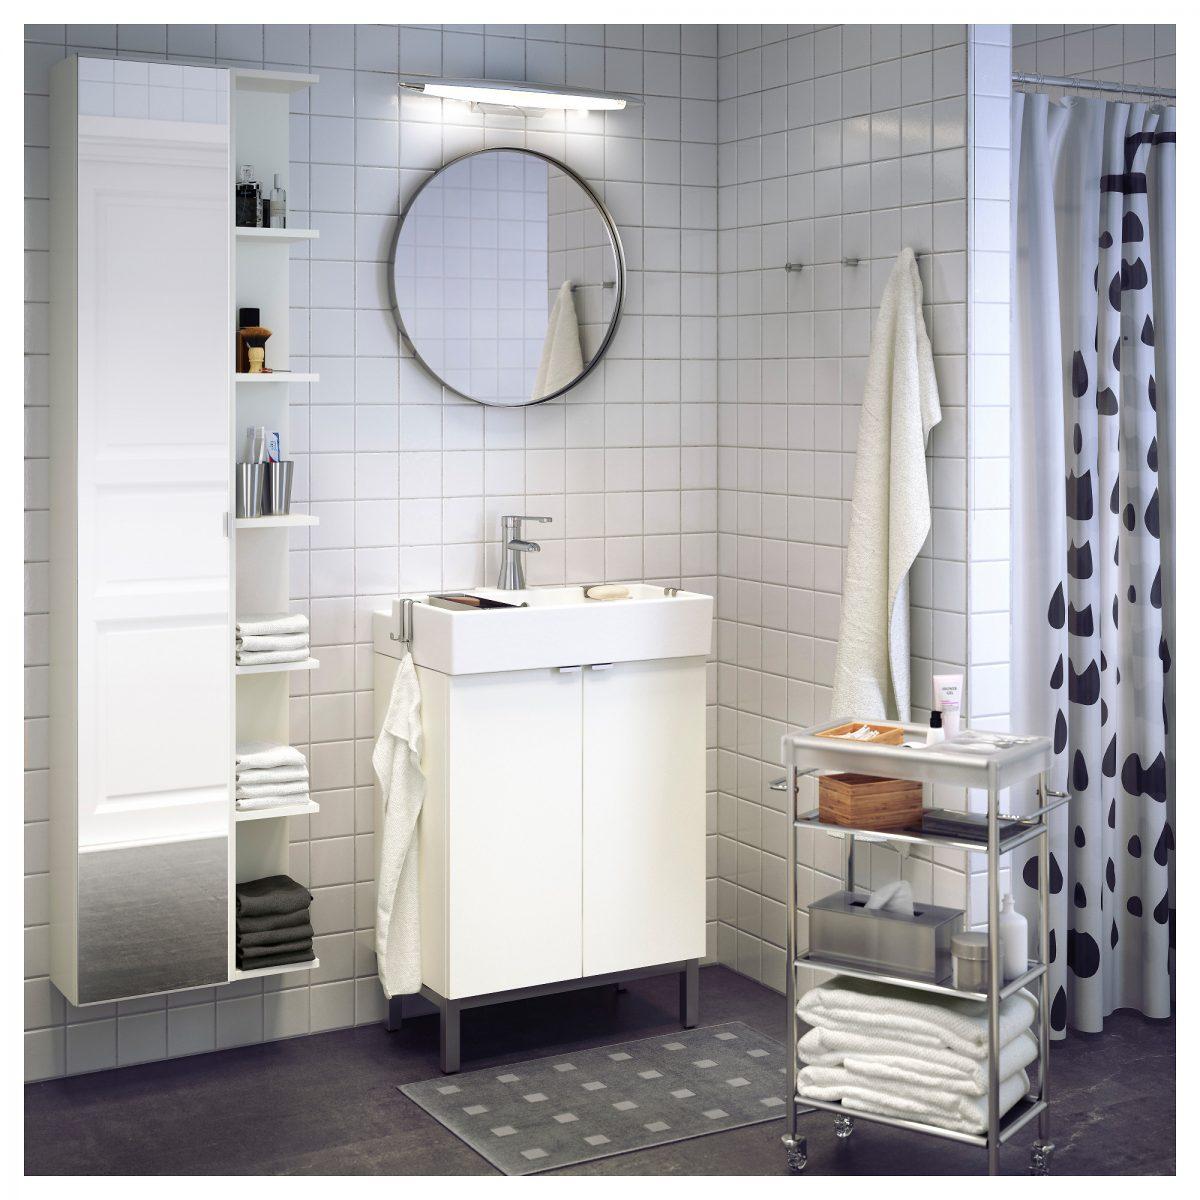 Bagno piccolo ikea ikea lavabo bagno con mobile mobiletti bagno